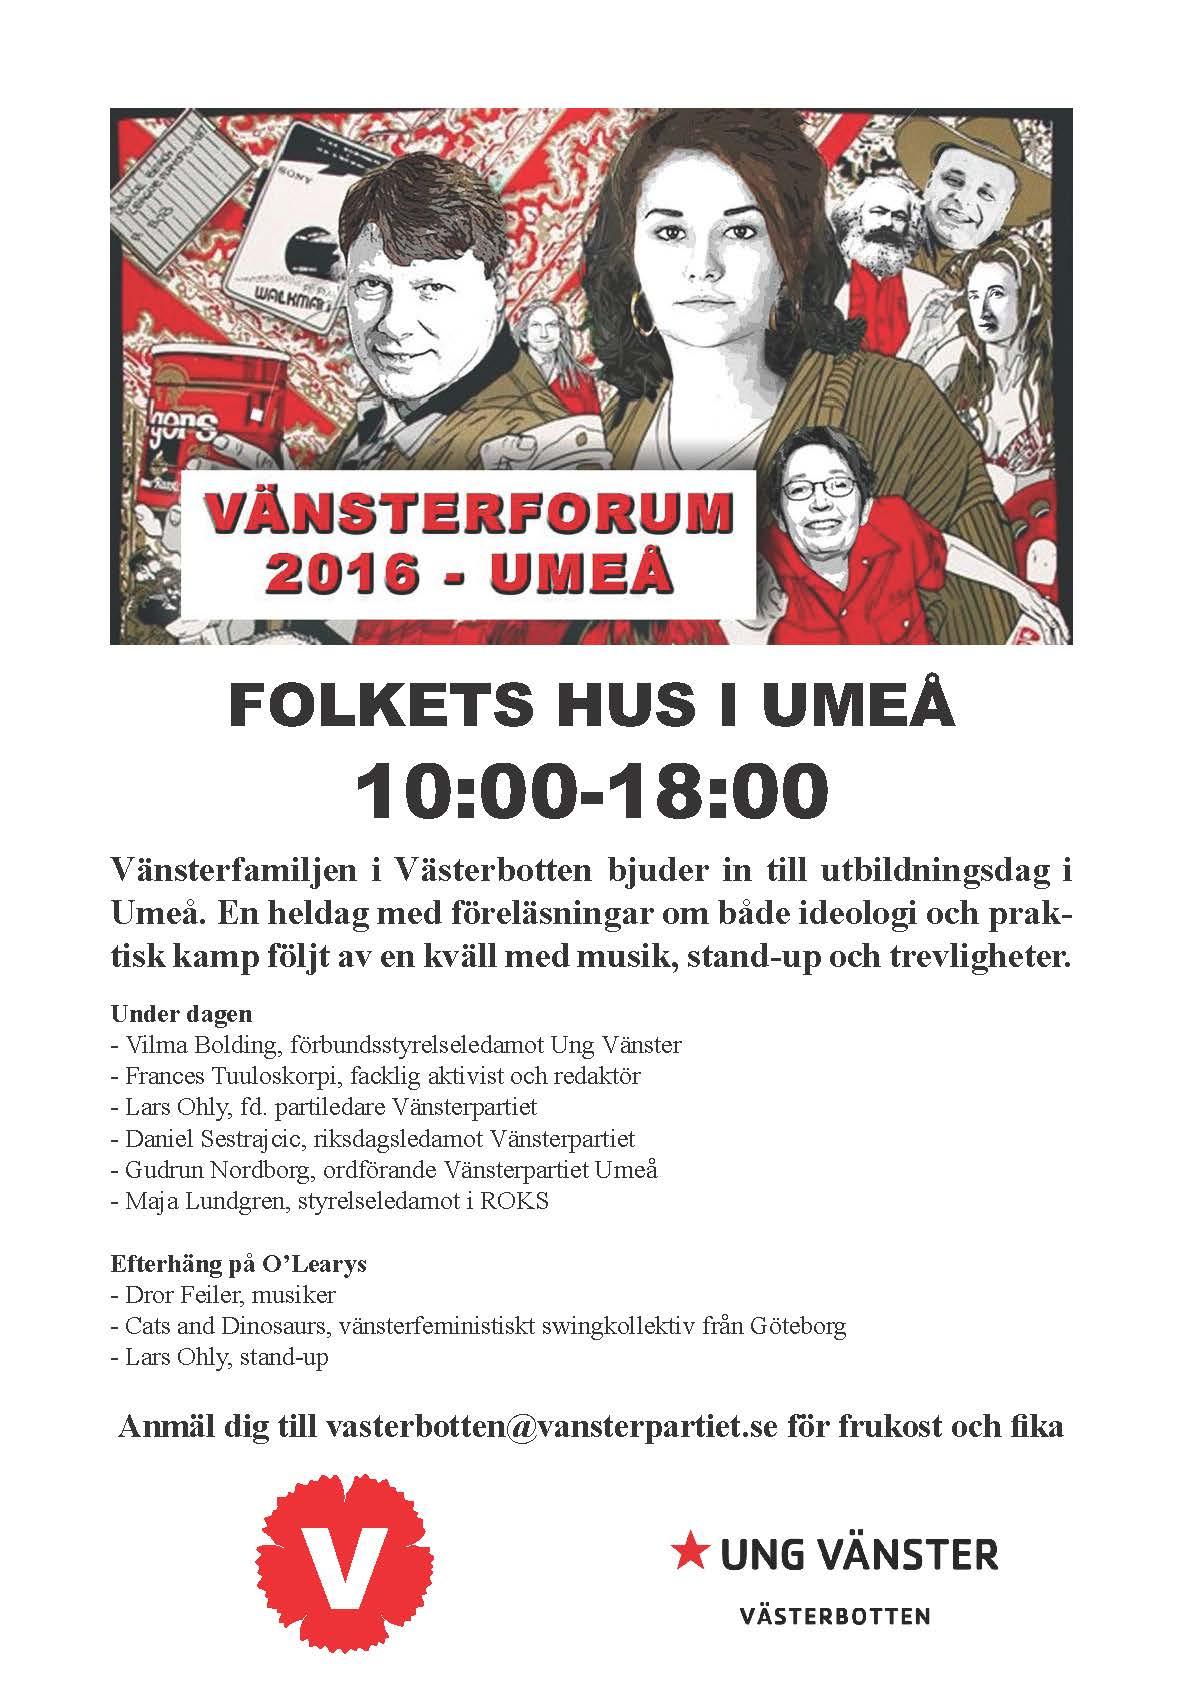 Inbjudan Vänsterforum 2016